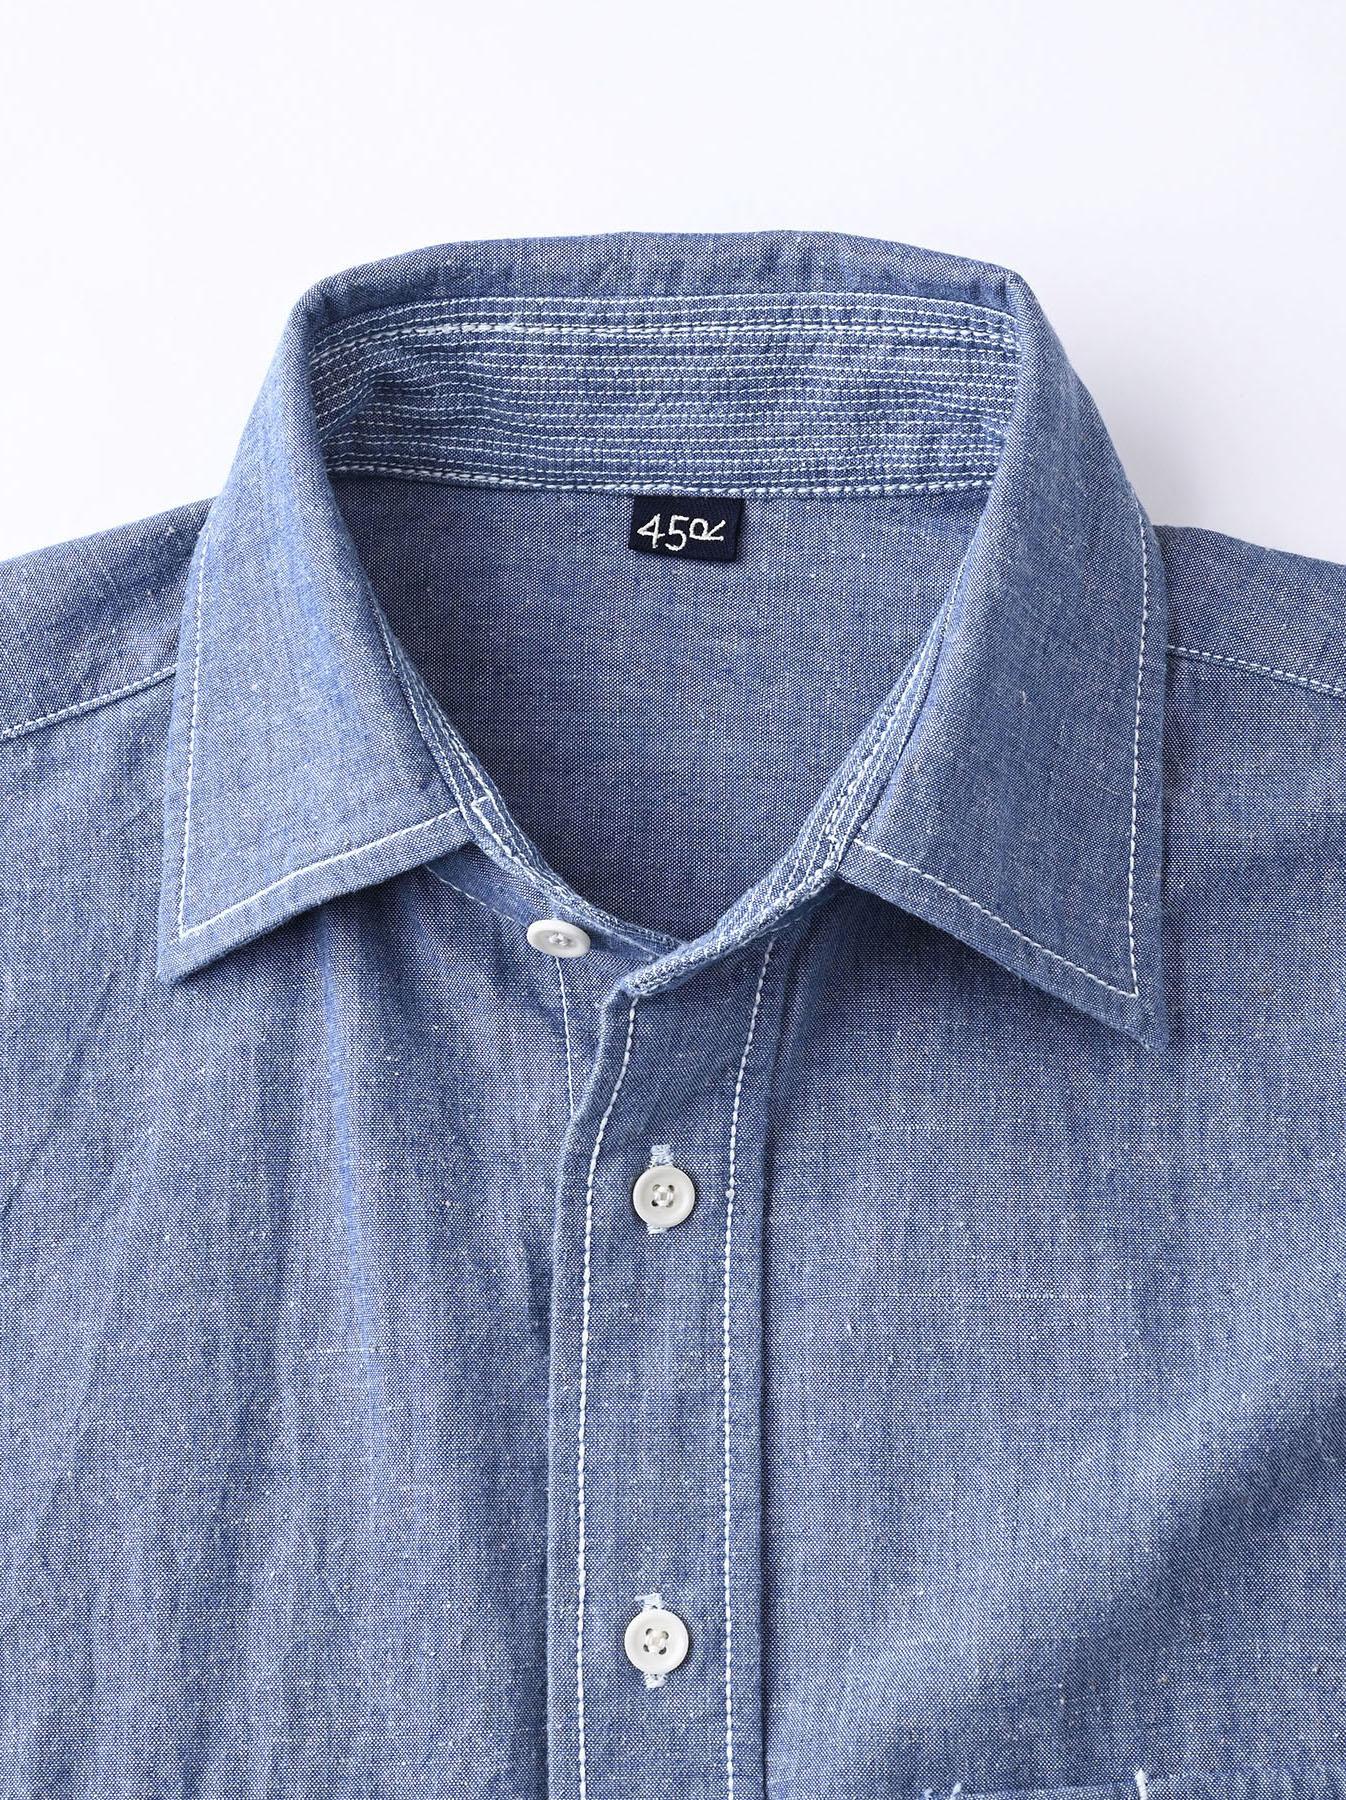 Okome-hira Dungaree 908 Ocean Work Shirt (0621)-11